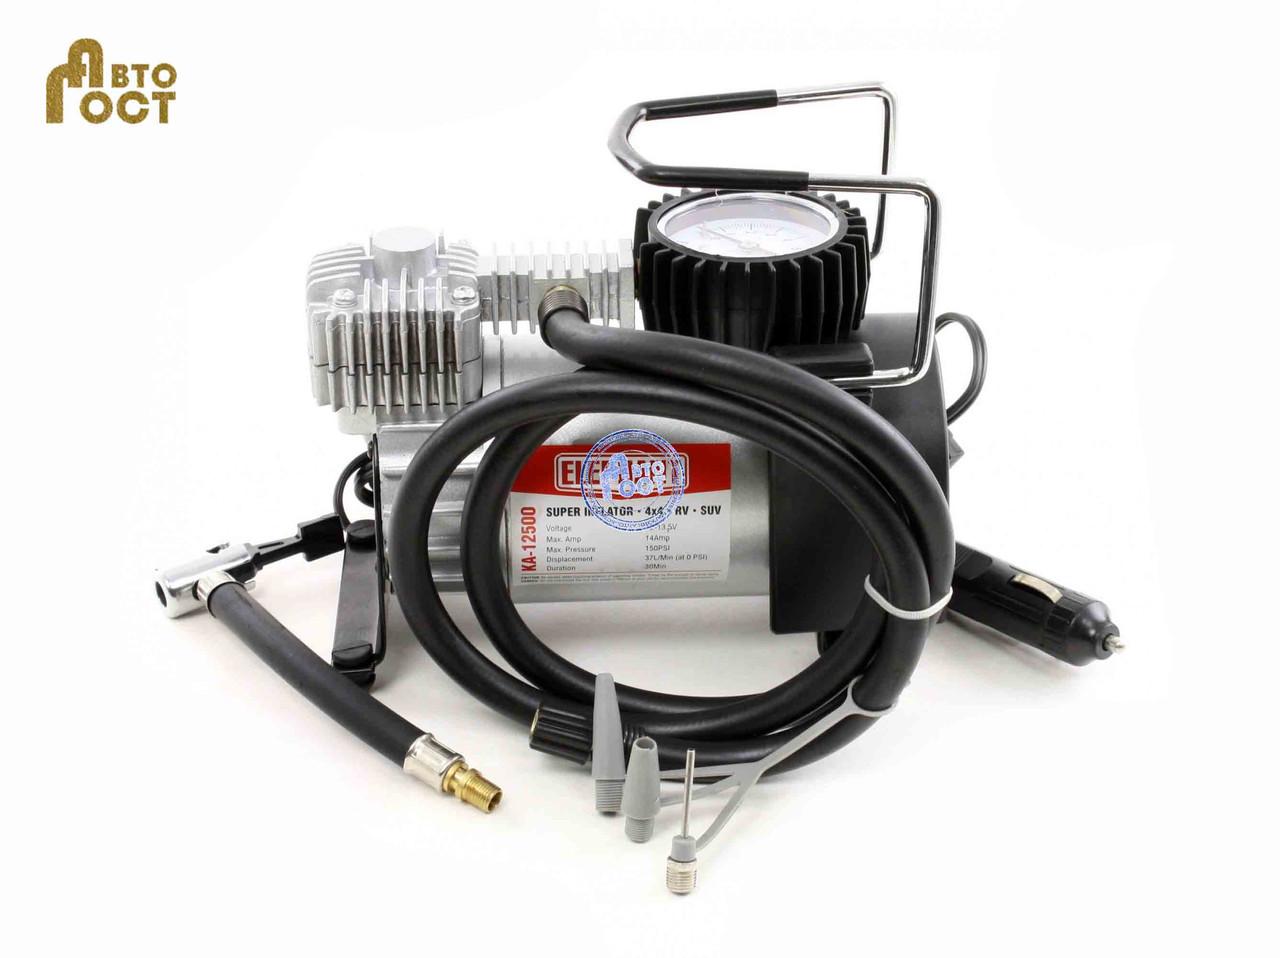 """Автомобильный компрессор Elephant КА-12500 - Интернет-магазин: """"АвтоГост"""" в Одессе"""